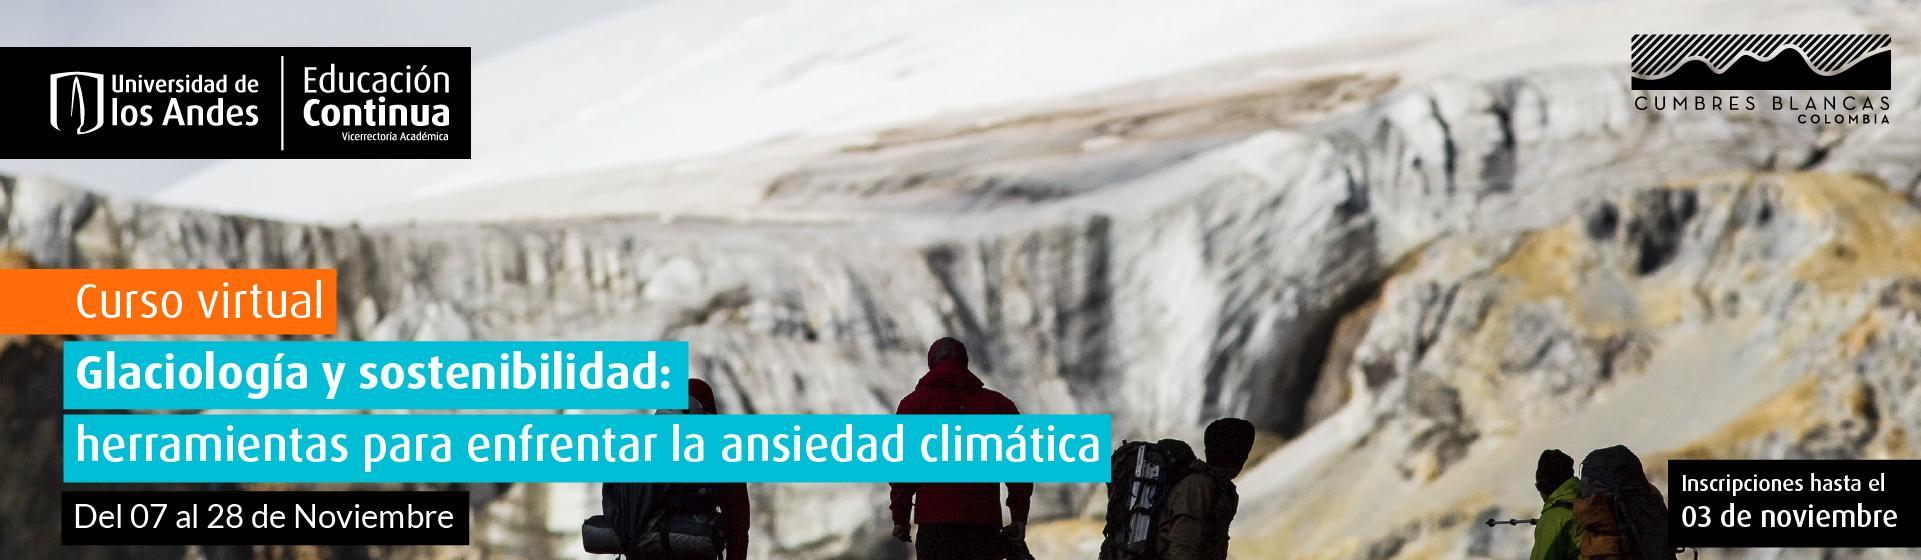 Glaciología y sostenibilidad: herramientas para enfrentar la ansiedad climática- Cider | Uniandes